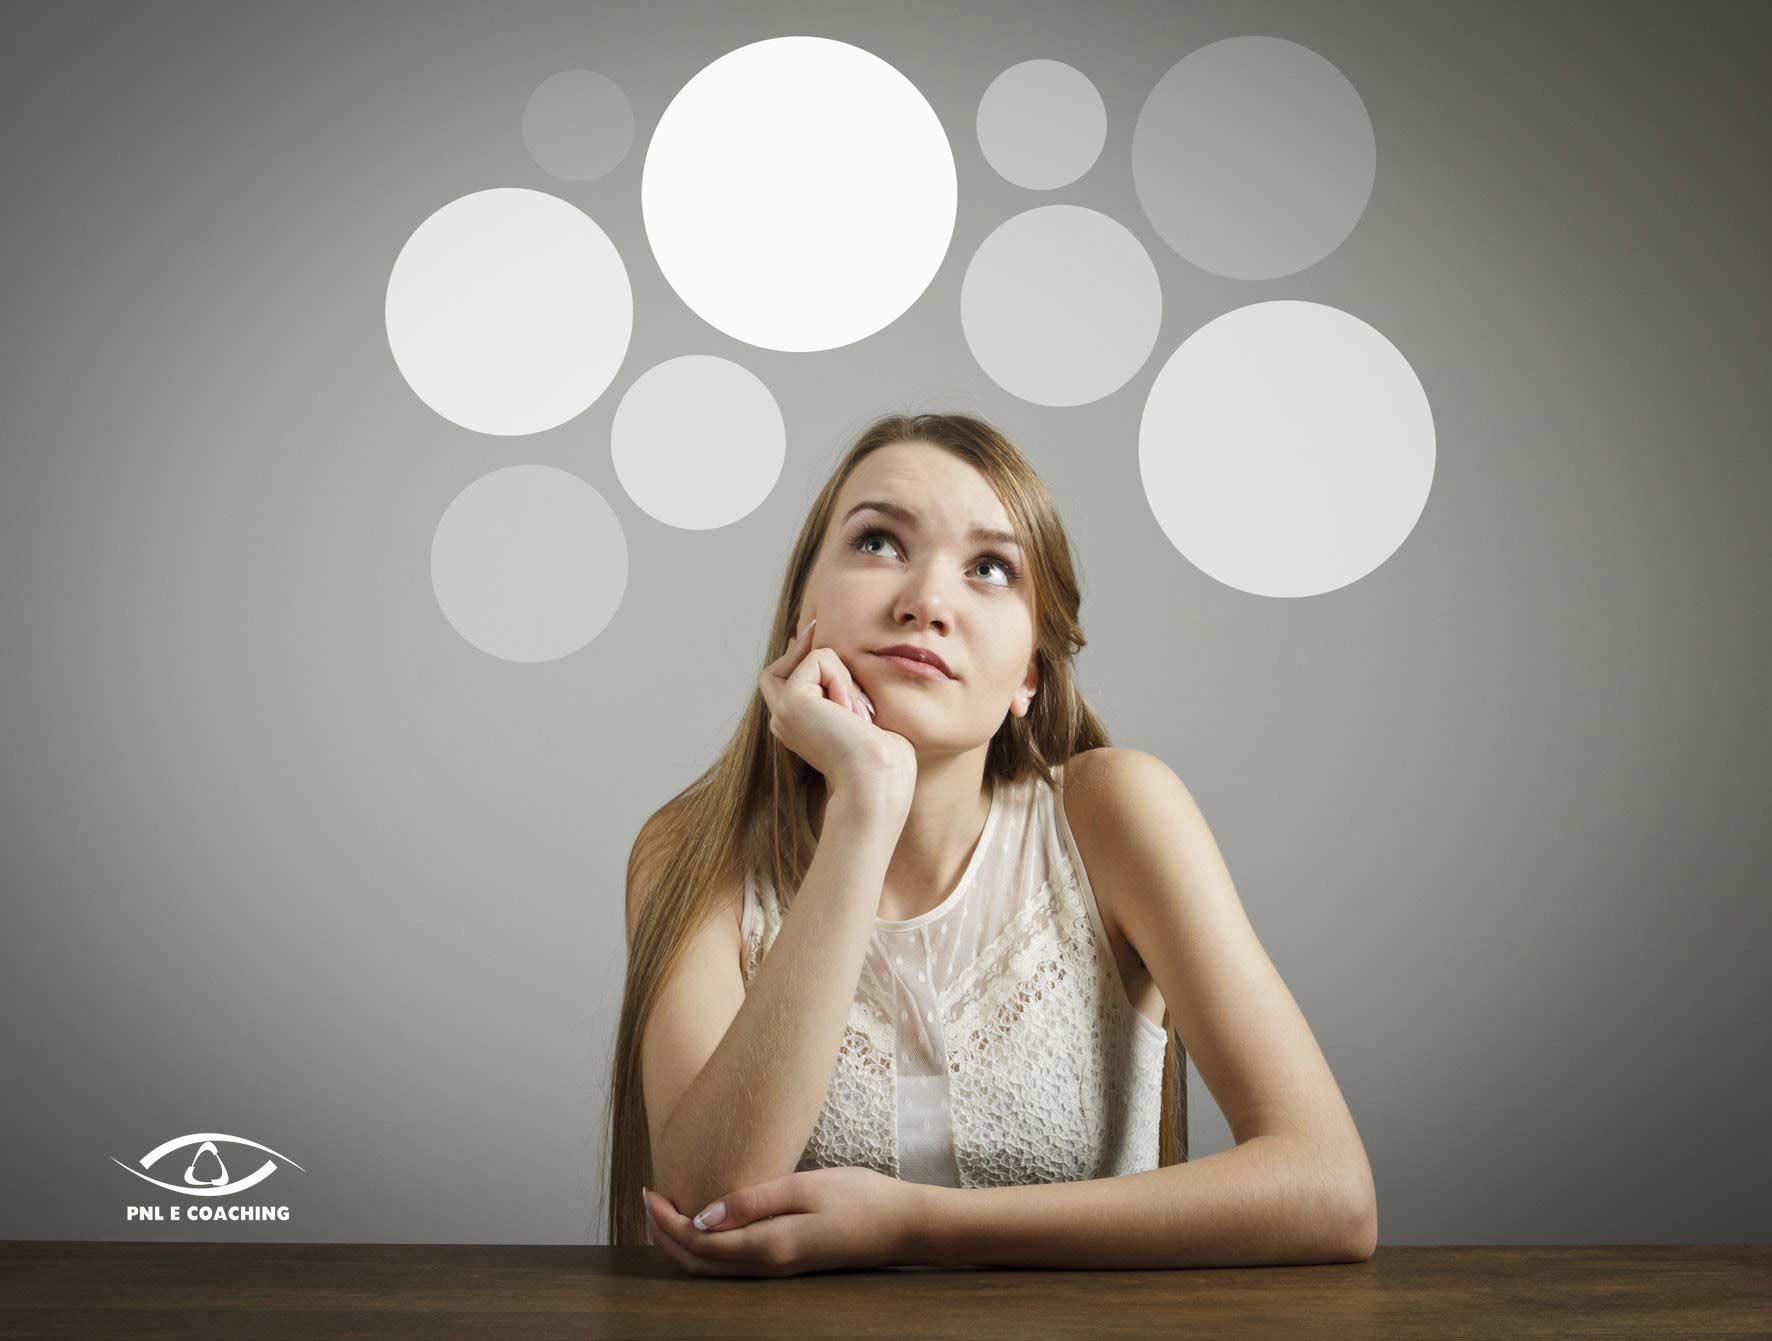 Come parliamo a noi stessi? Come cambiare il dialogo interno